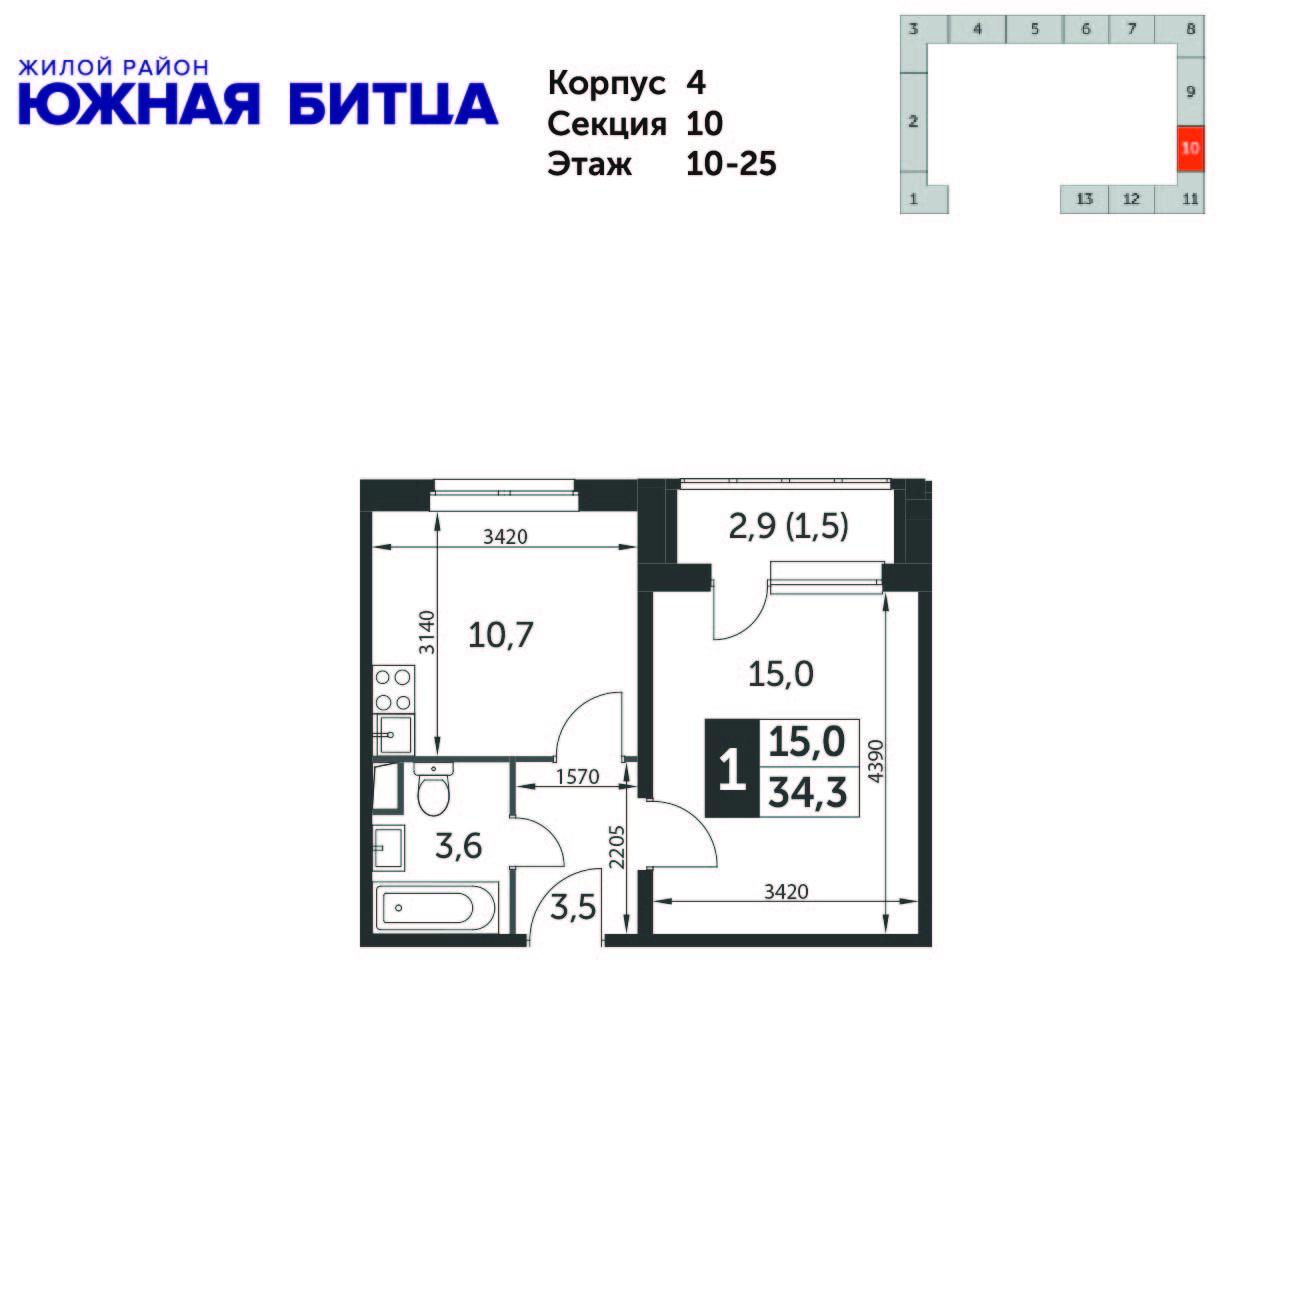 1-комнатная квартира, 34.3м² за 6,5 млн руб.